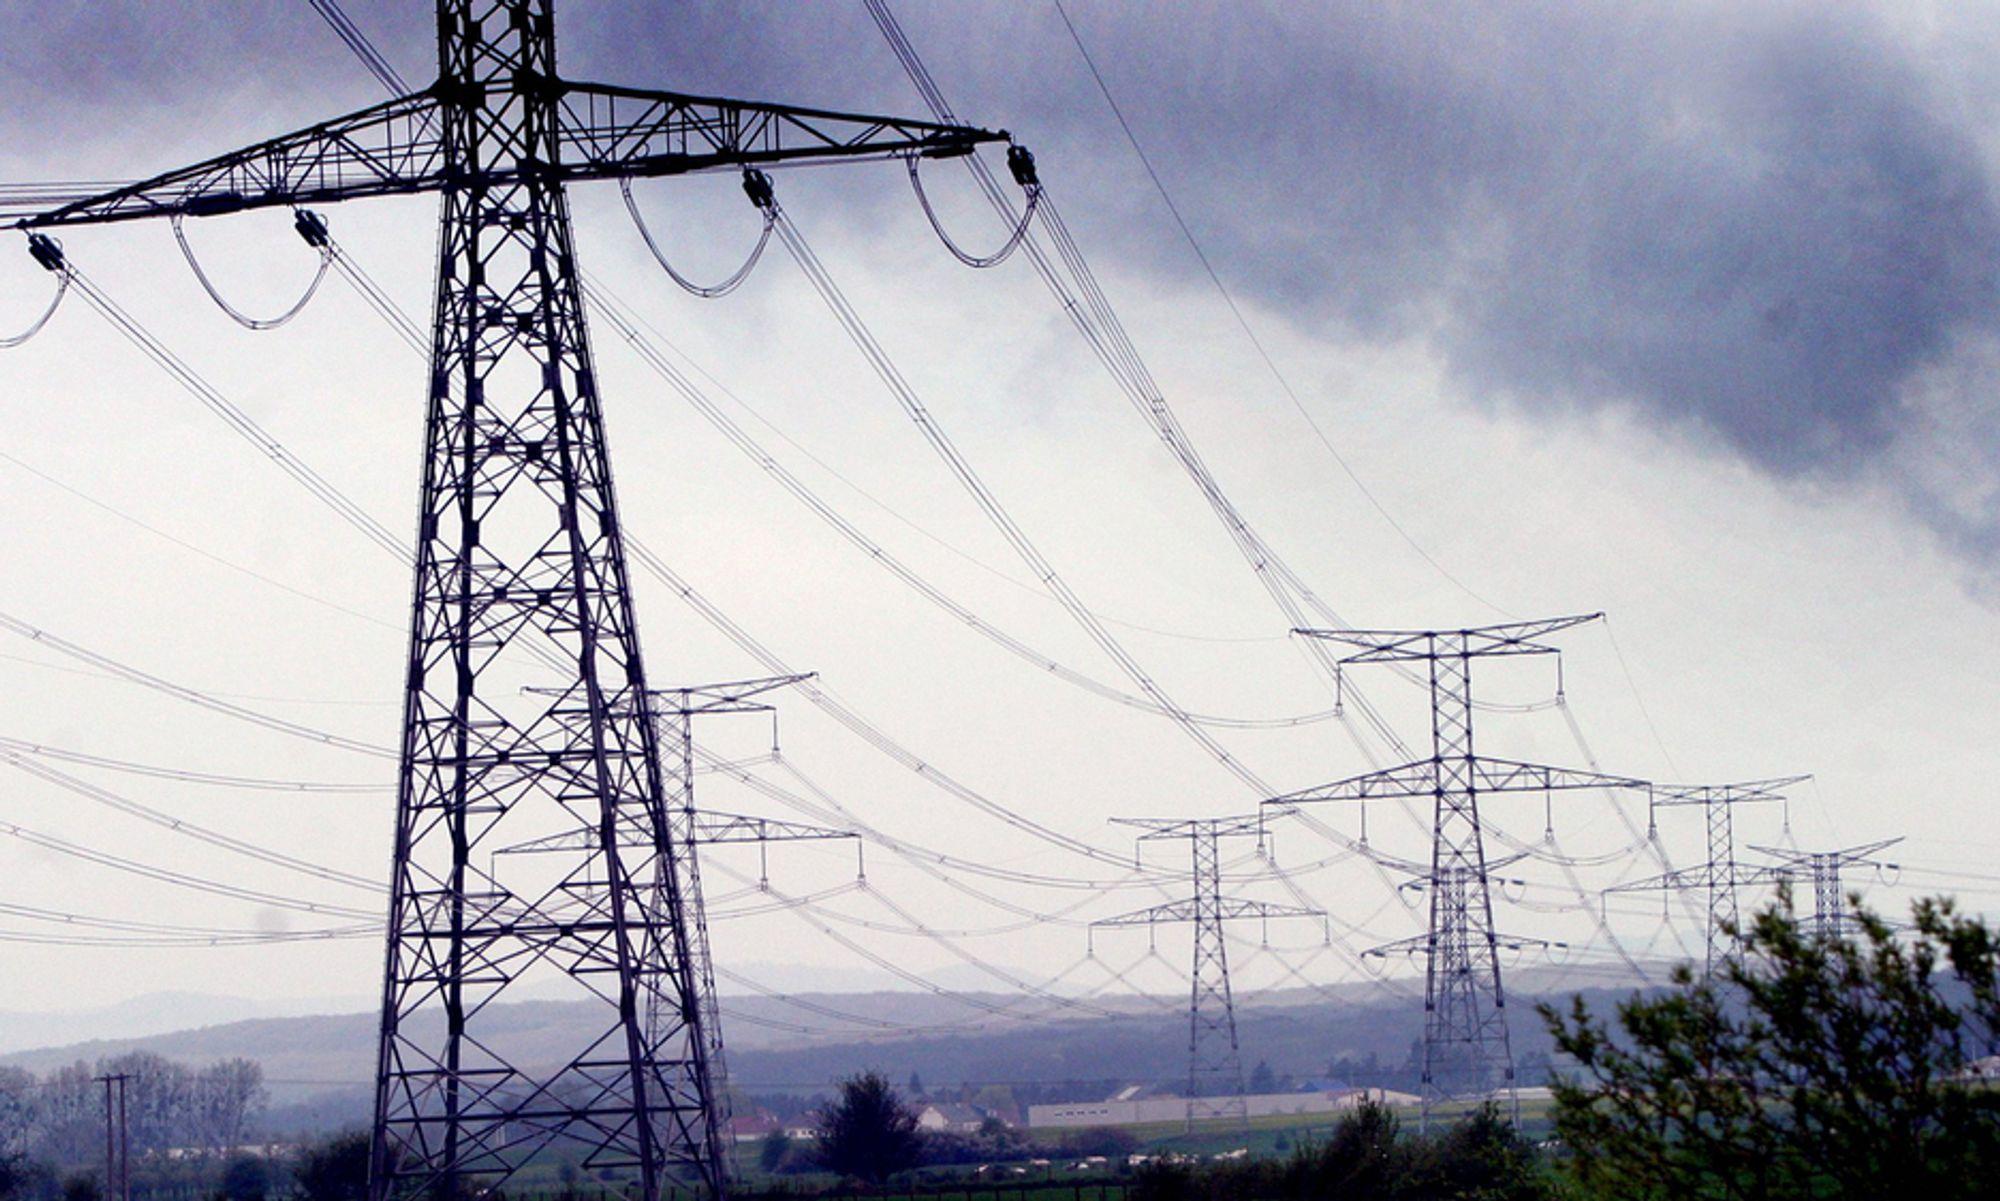 VIL HA FRANSK LØSNING I NORGE: Frankrike har fått gjennomslag for sin industrikraftmodell i EU-kommisjonen. Nå vil Norsk Industri og LO-forbundet Industri Energi at regjeringen skal legge til rette for fortsatt billig kraft etter den franske samarbeidsmodellen.